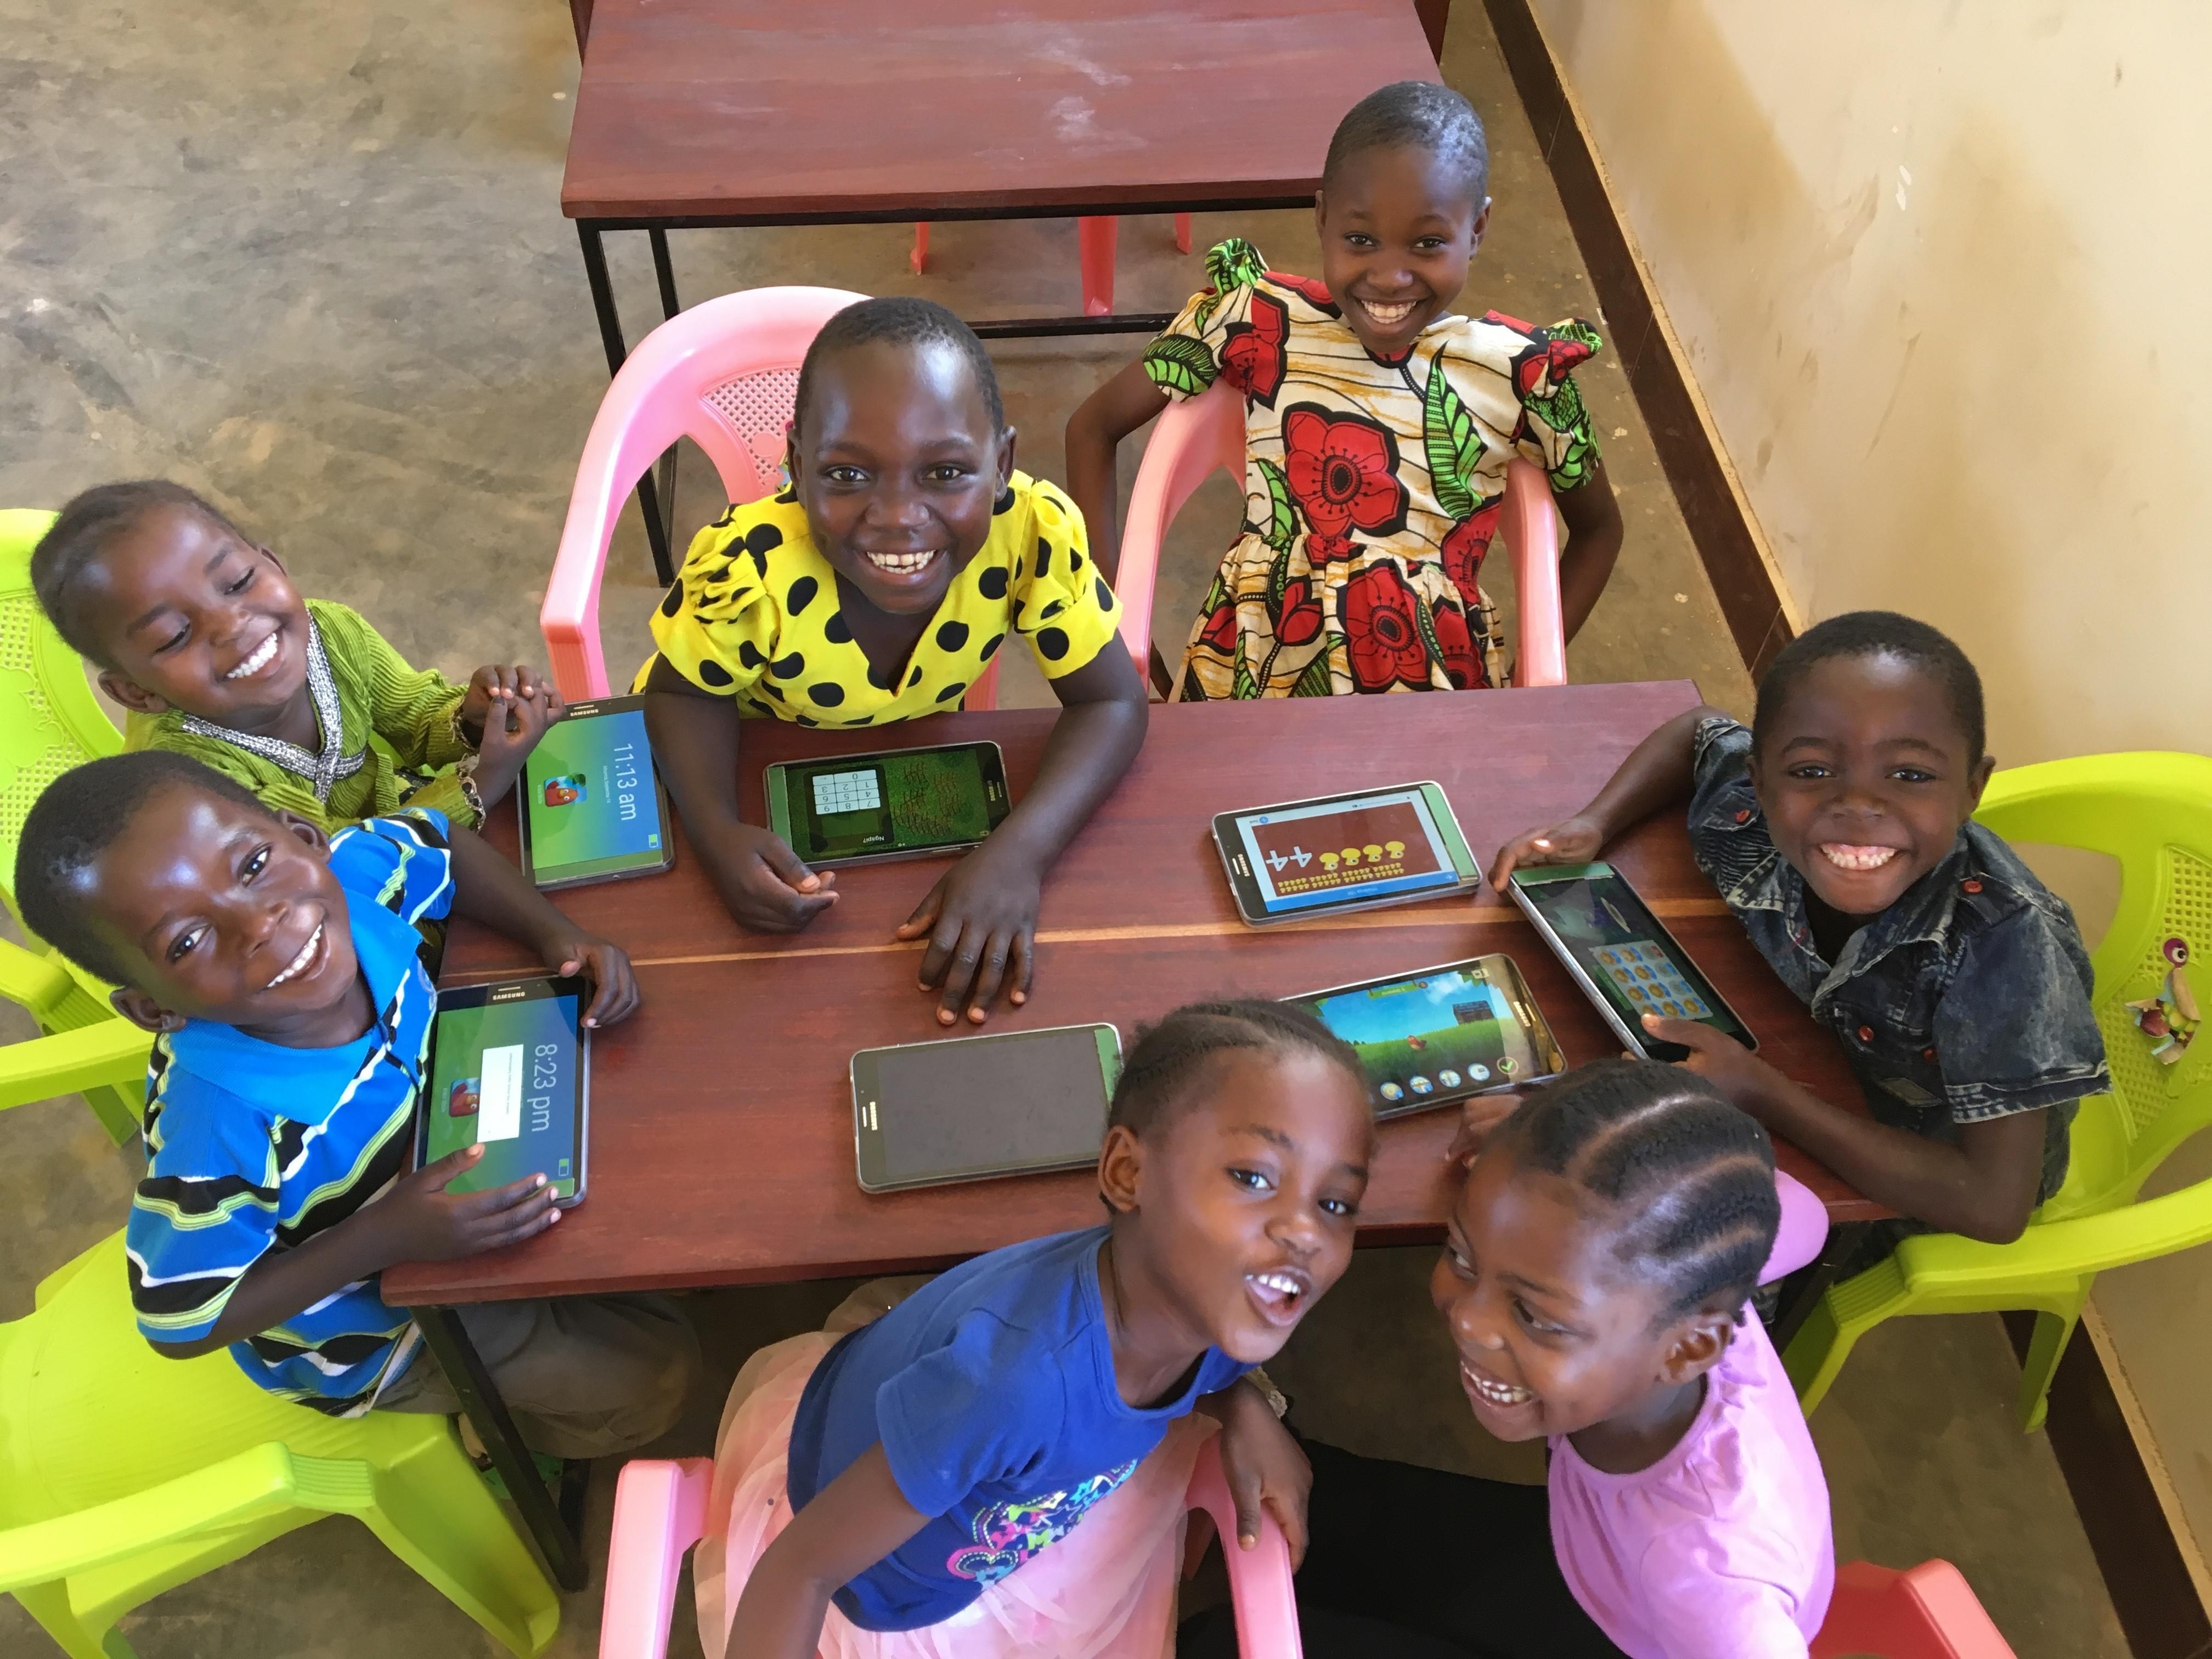 Fundación Schwab innovadores sociales emprendedores niños con tecnología tabletas teléfonos inteligentes educación STEM